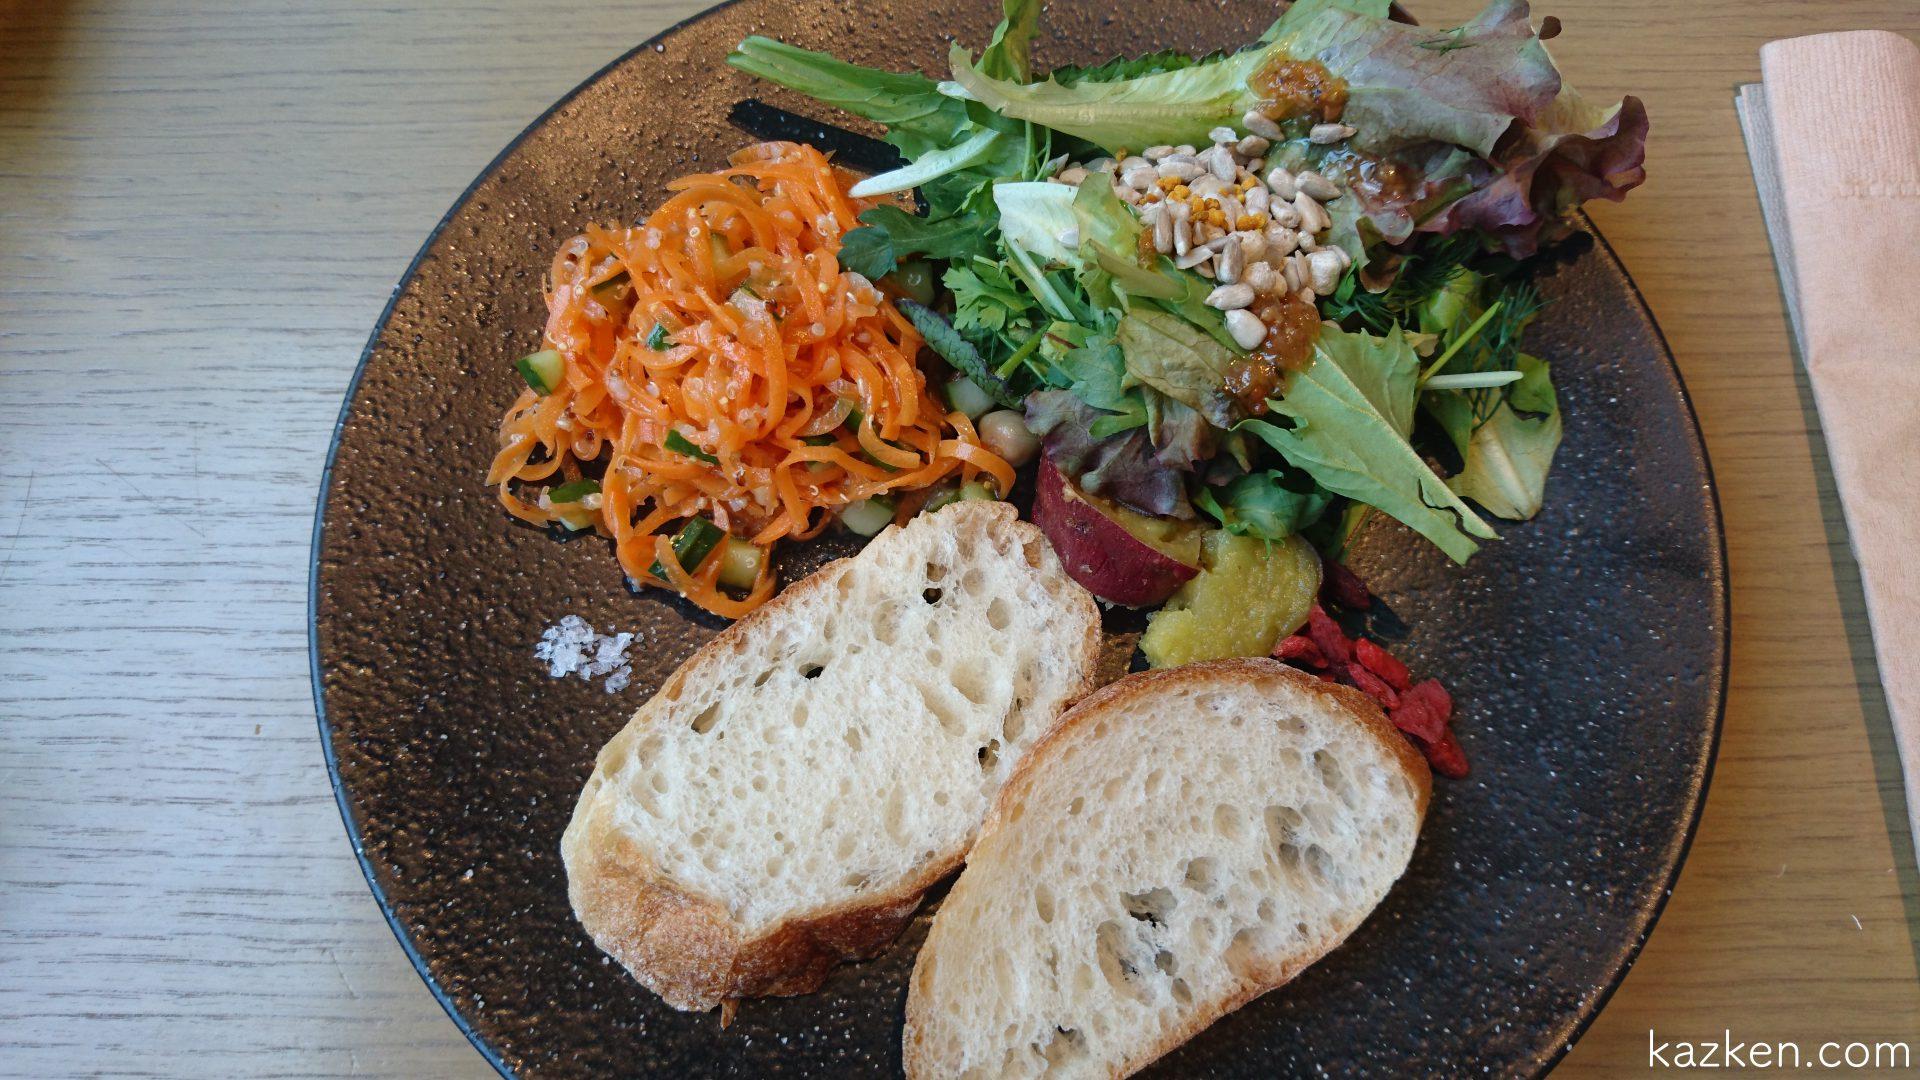 恵比寿のコスメキッチンアダプテーションでオーガニック野菜の朝食を食べました